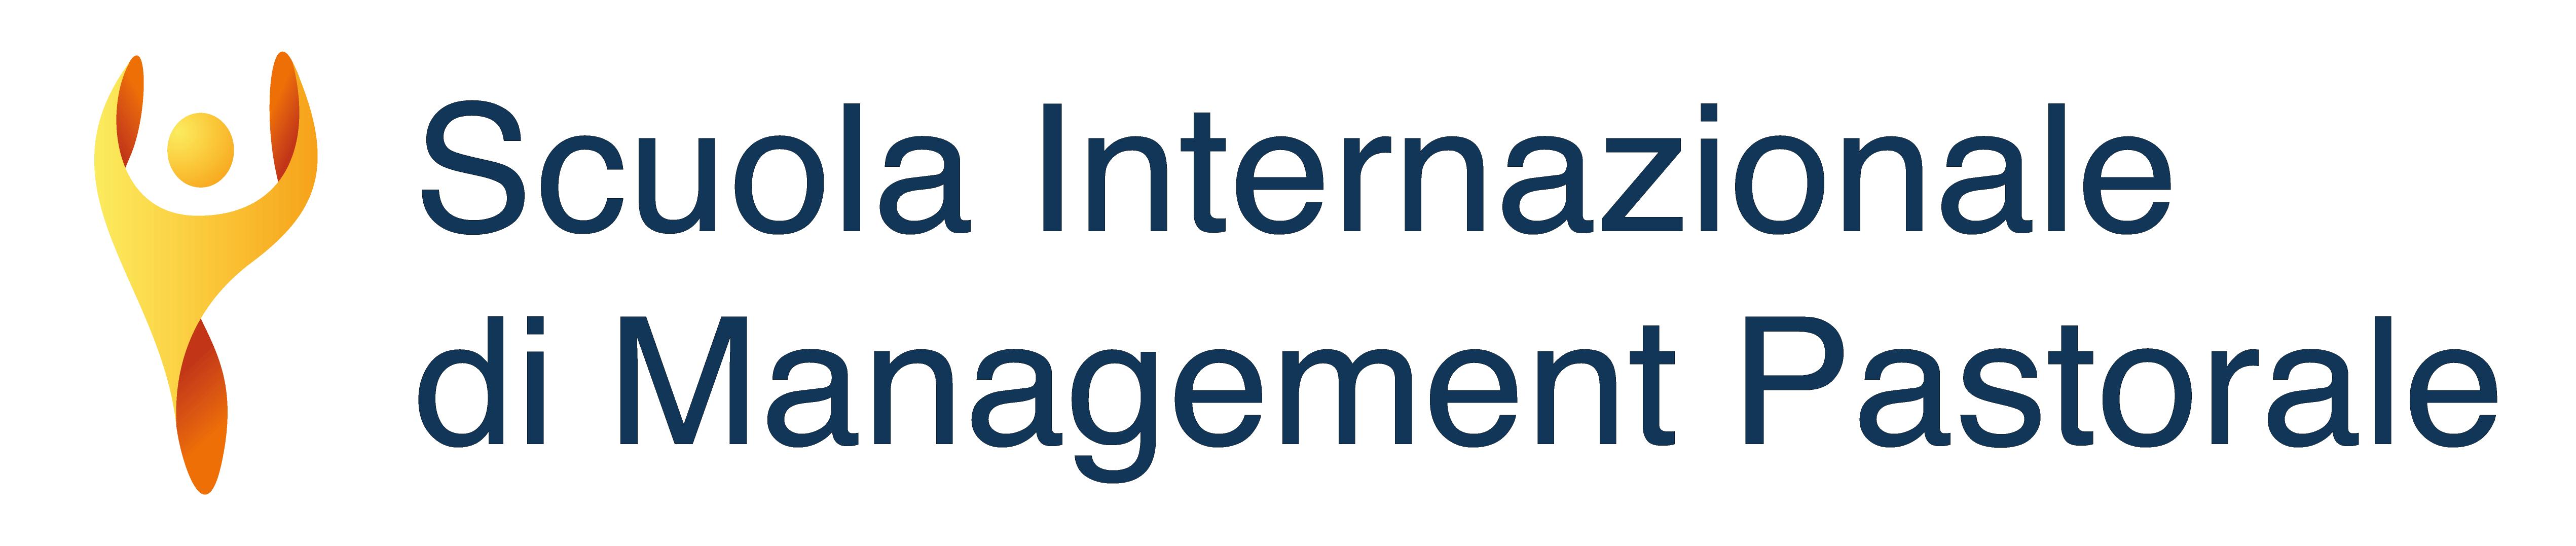 Scuola internazionale di management pastorale